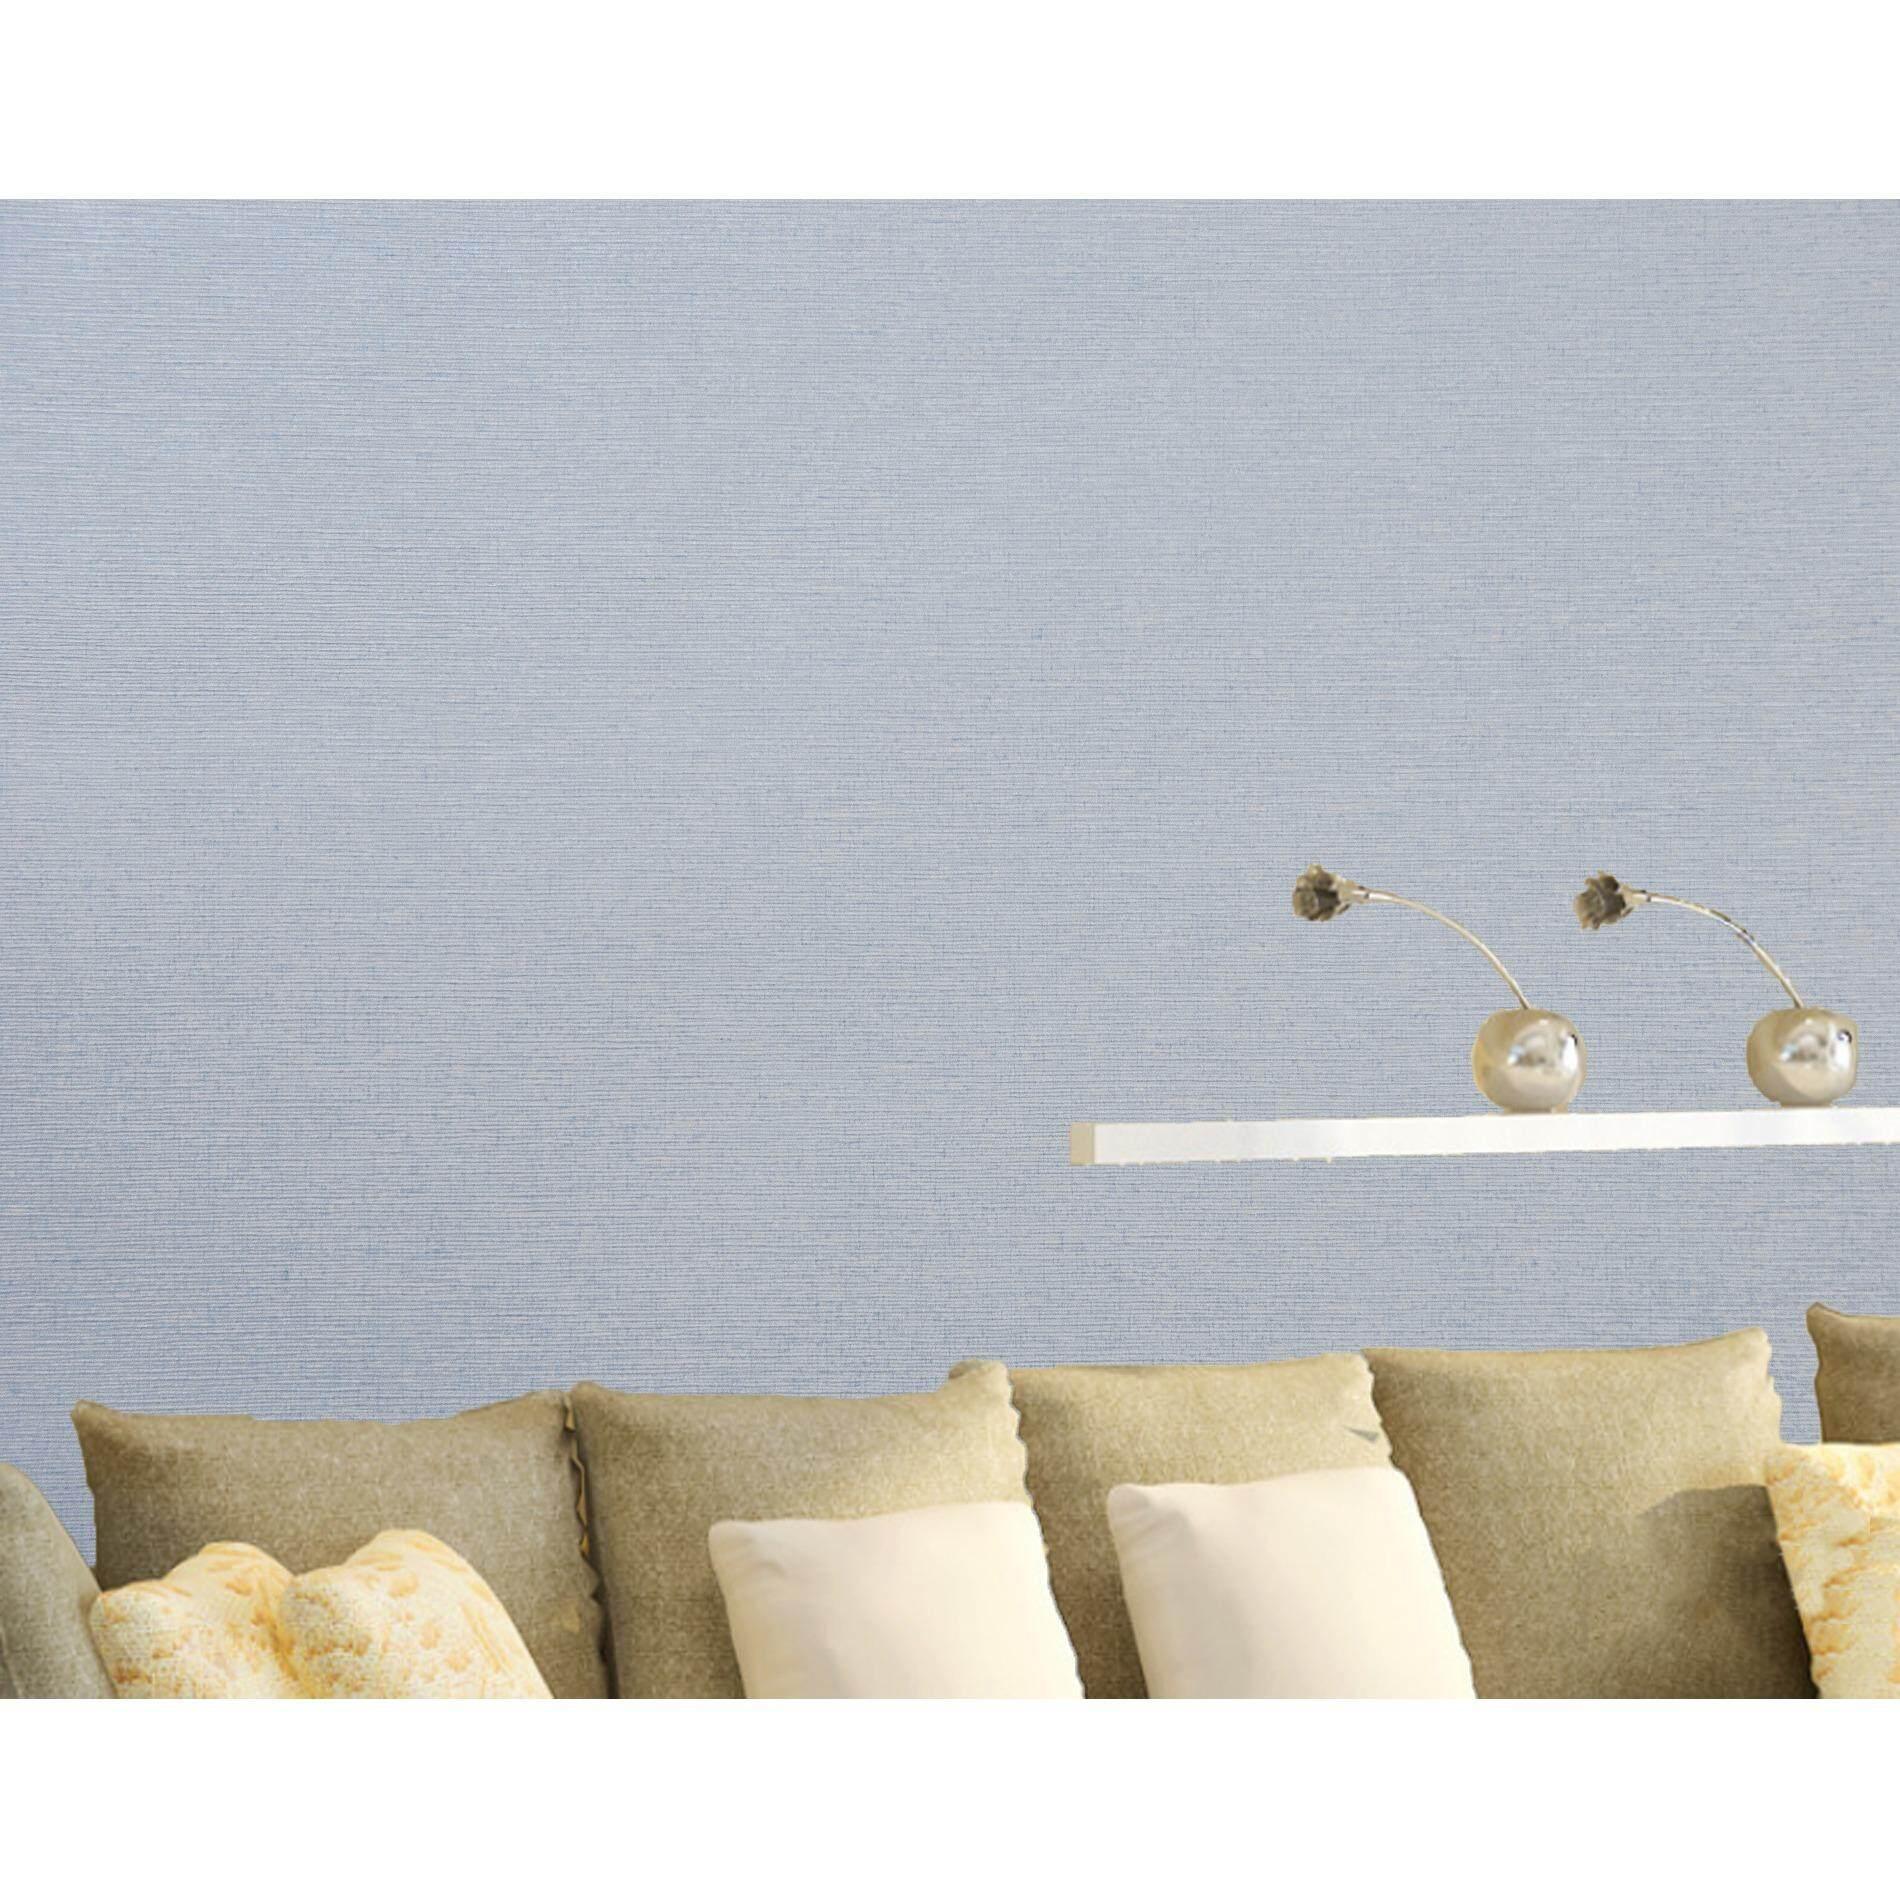 ซื้อ Homily Wallpaper Lxr รุ่น Cb 670220 โทนฟ้าอ่อน Ailida